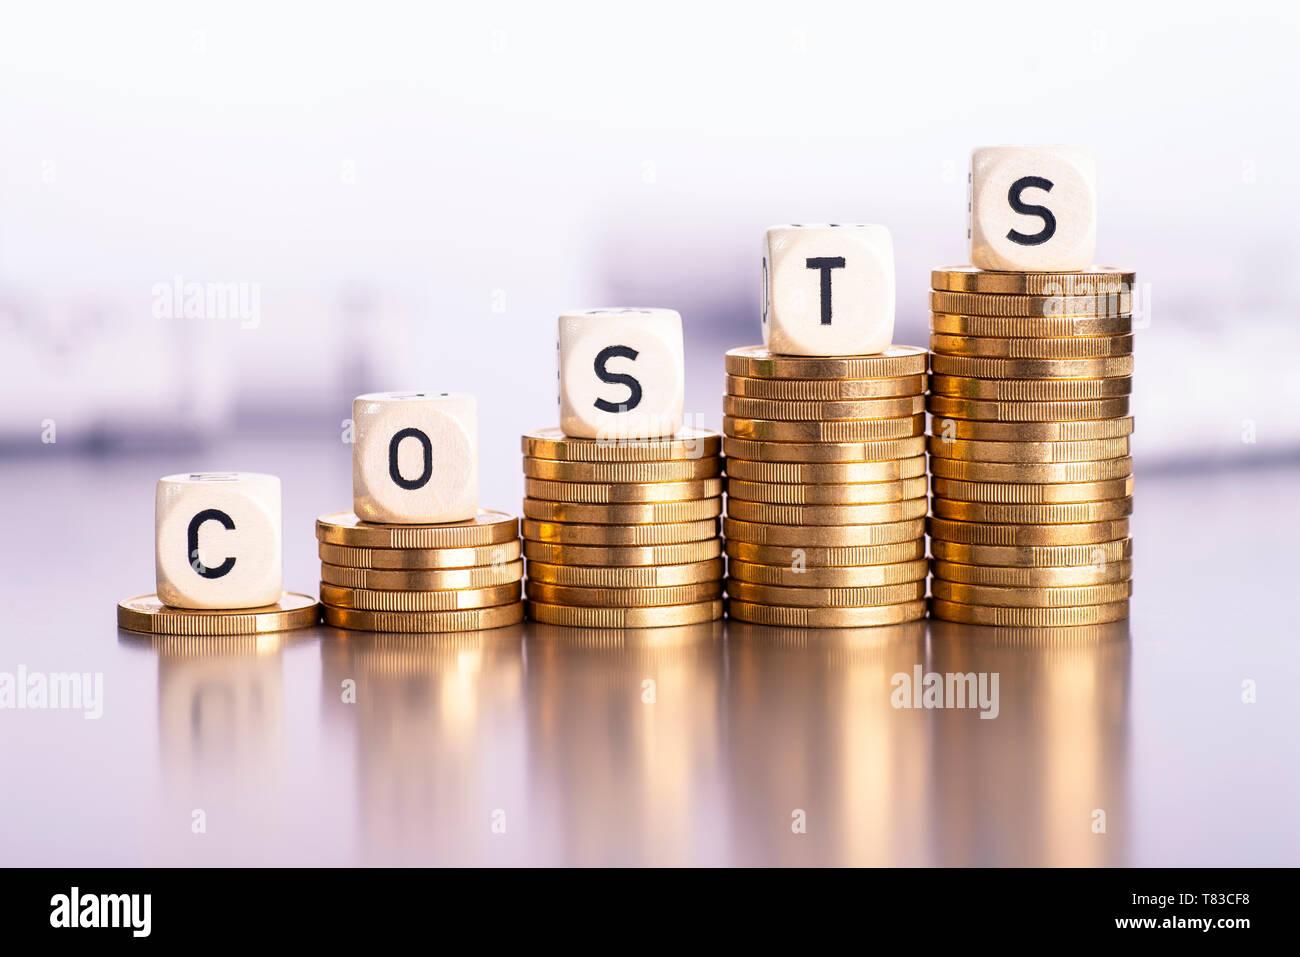 Steigende Stapel von Münzen mit dem Wort Kosten Stockfoto